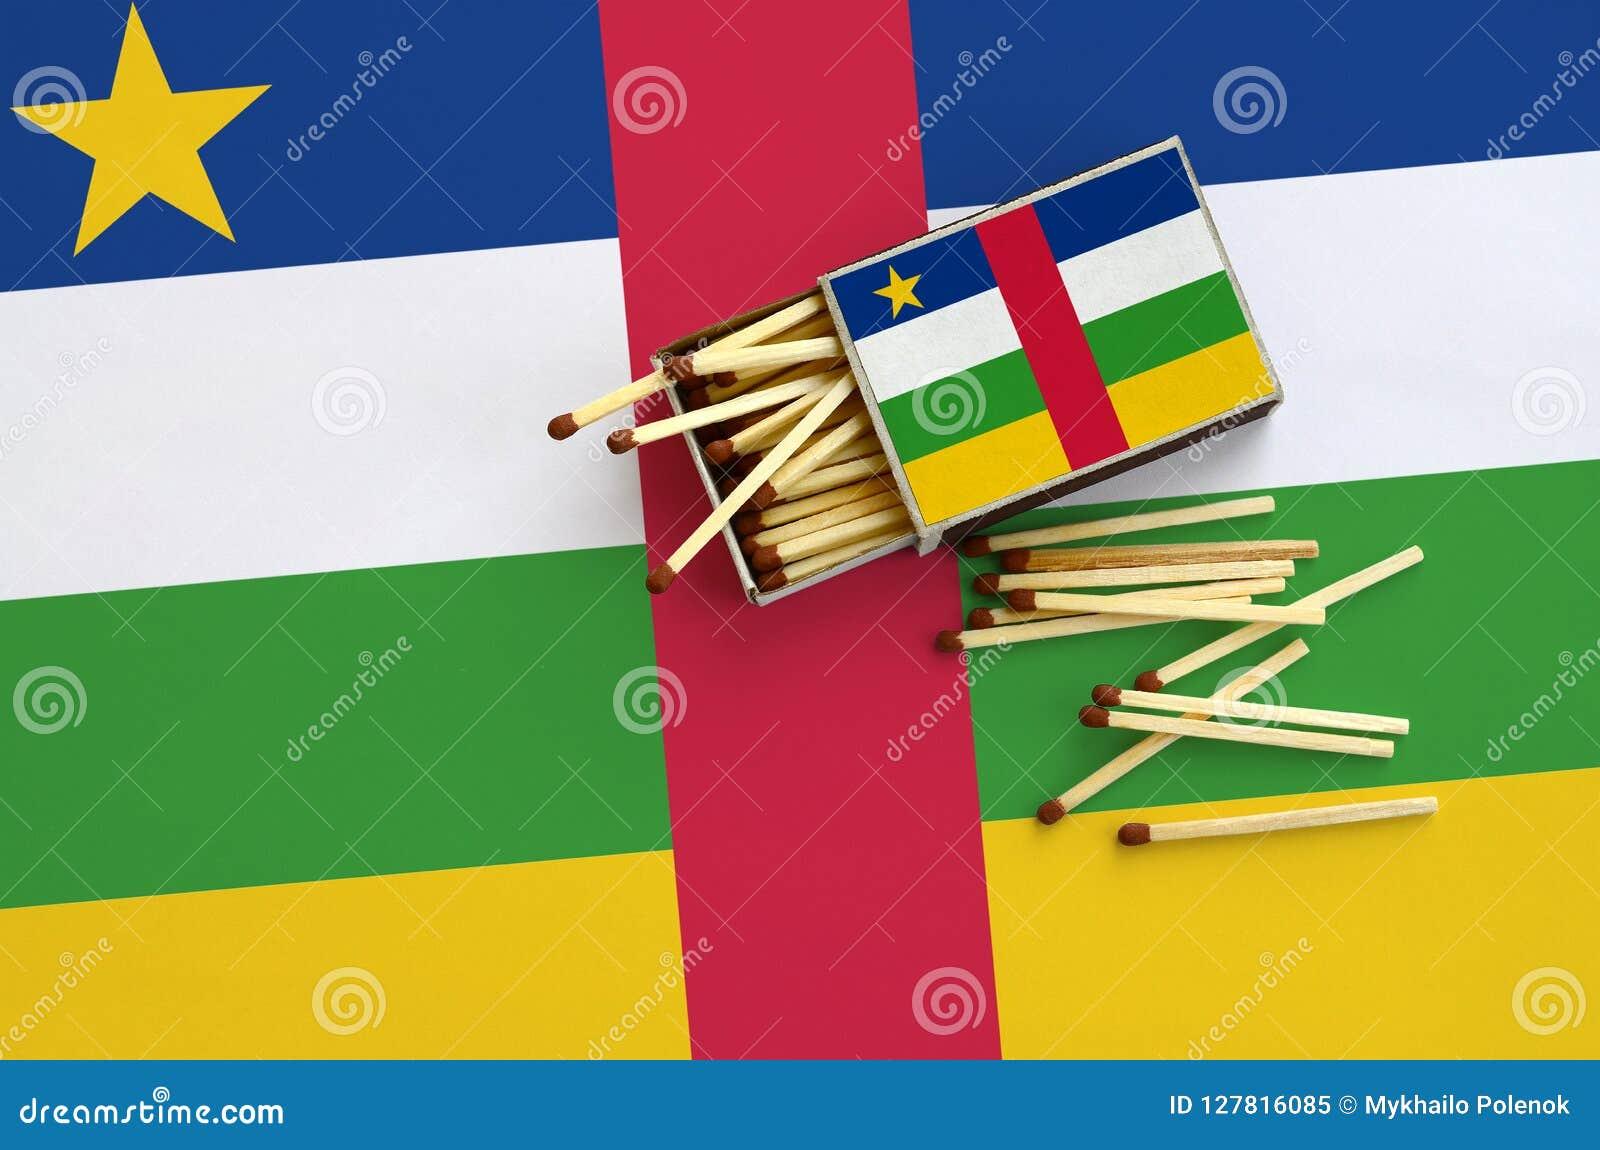 Republik- Zentralafrikaflagge wird auf einer offenen Streichholzschachtel gezeigt, von der einiges Match und Lügen auf einer groß